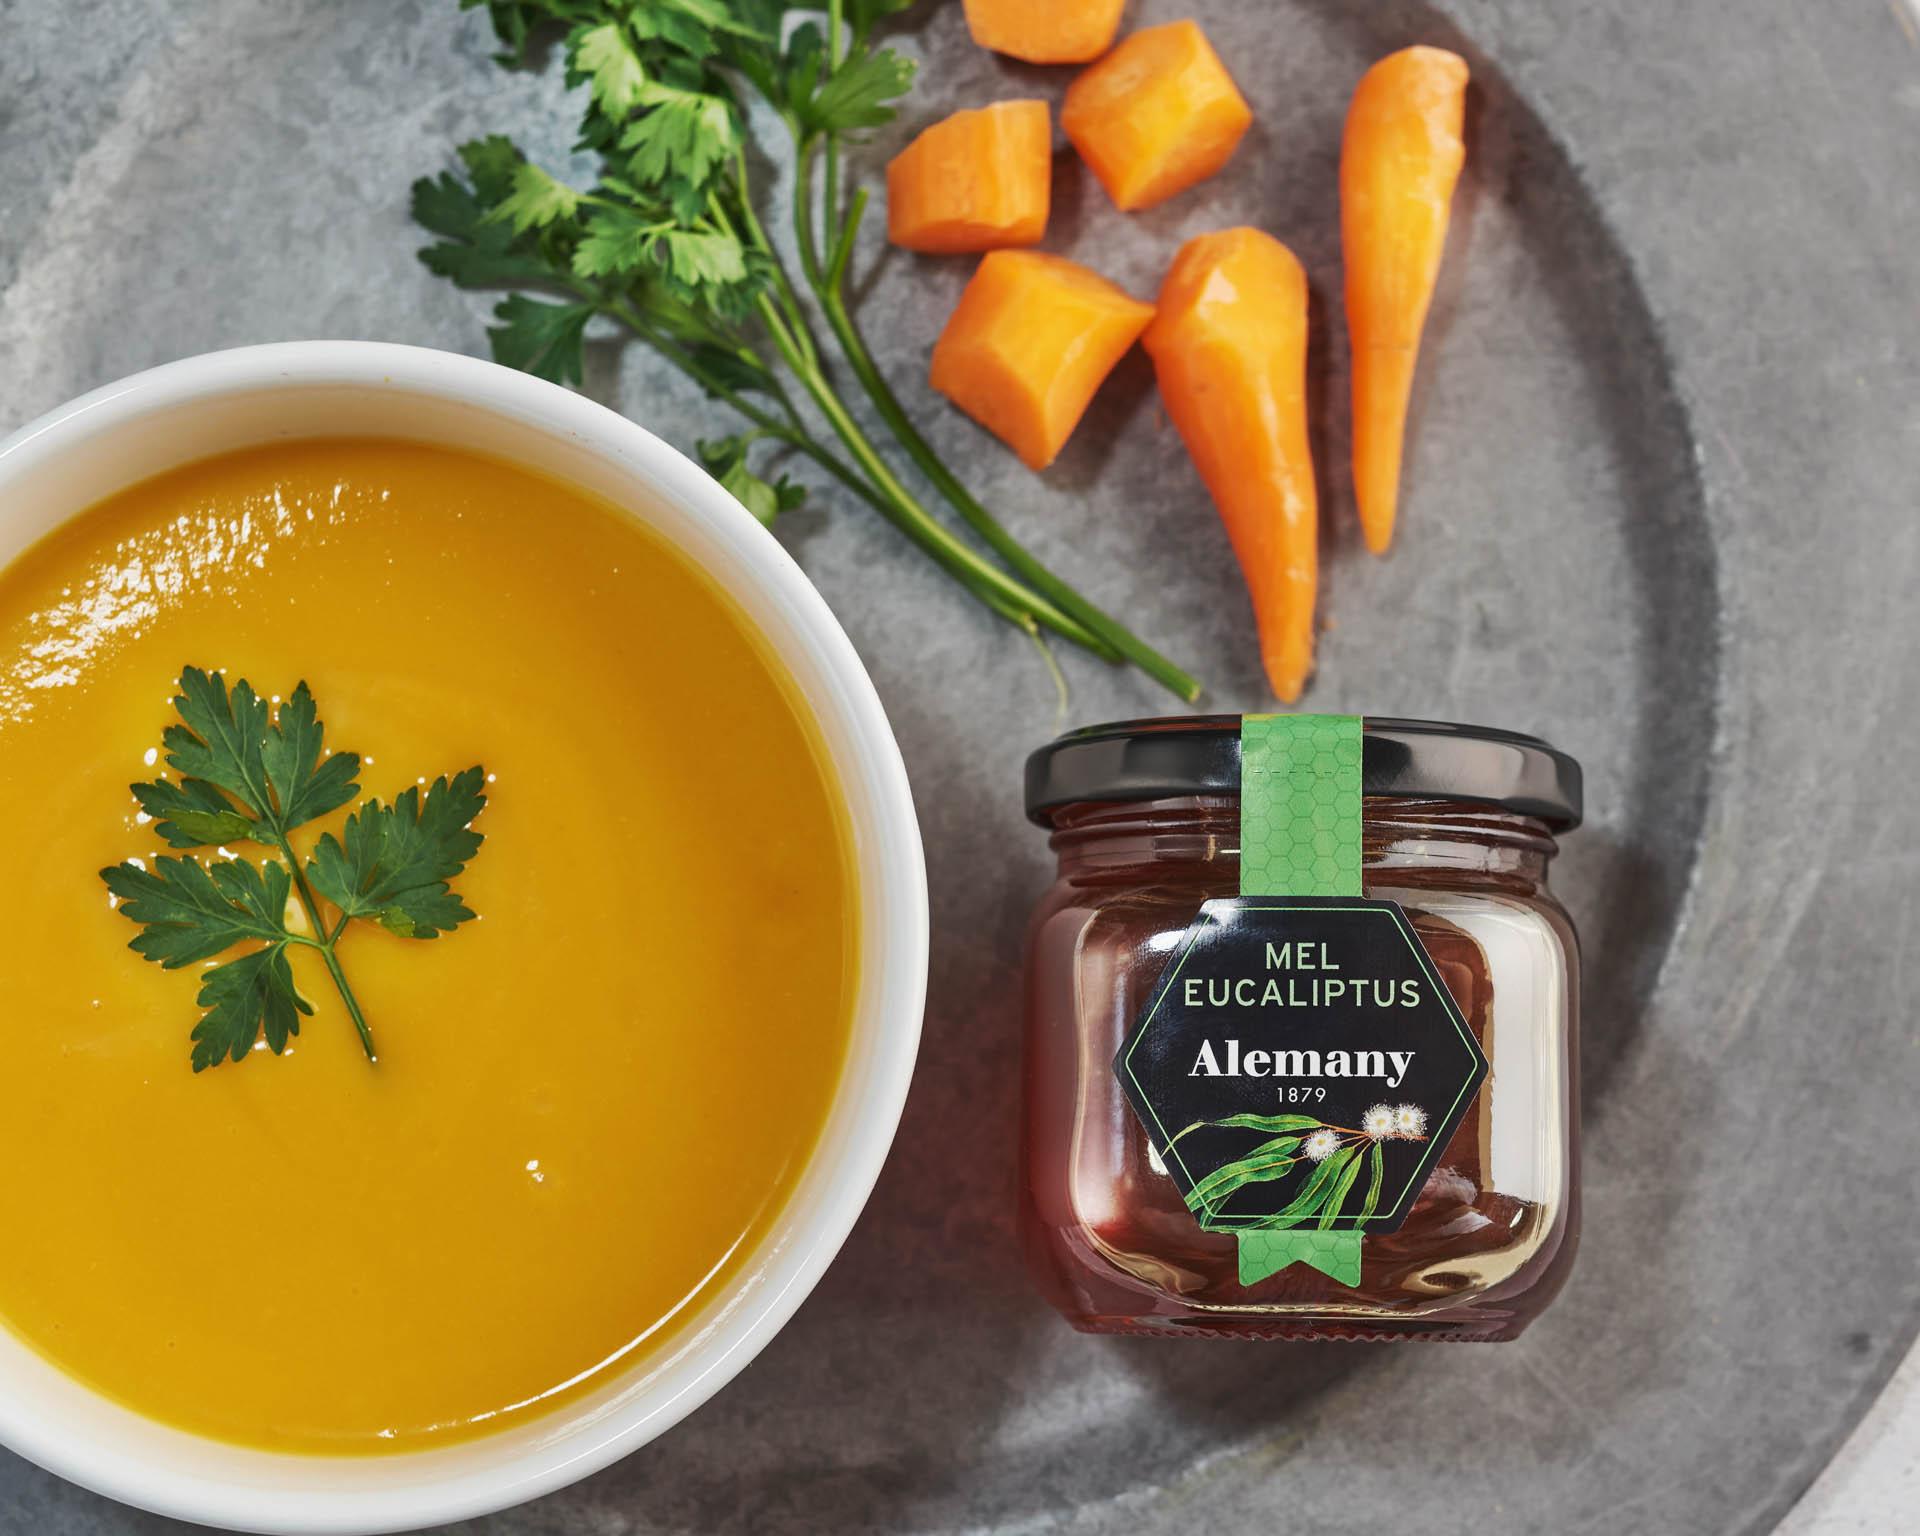 Crema fresca de zanahoria, melón y miel de eucalipto